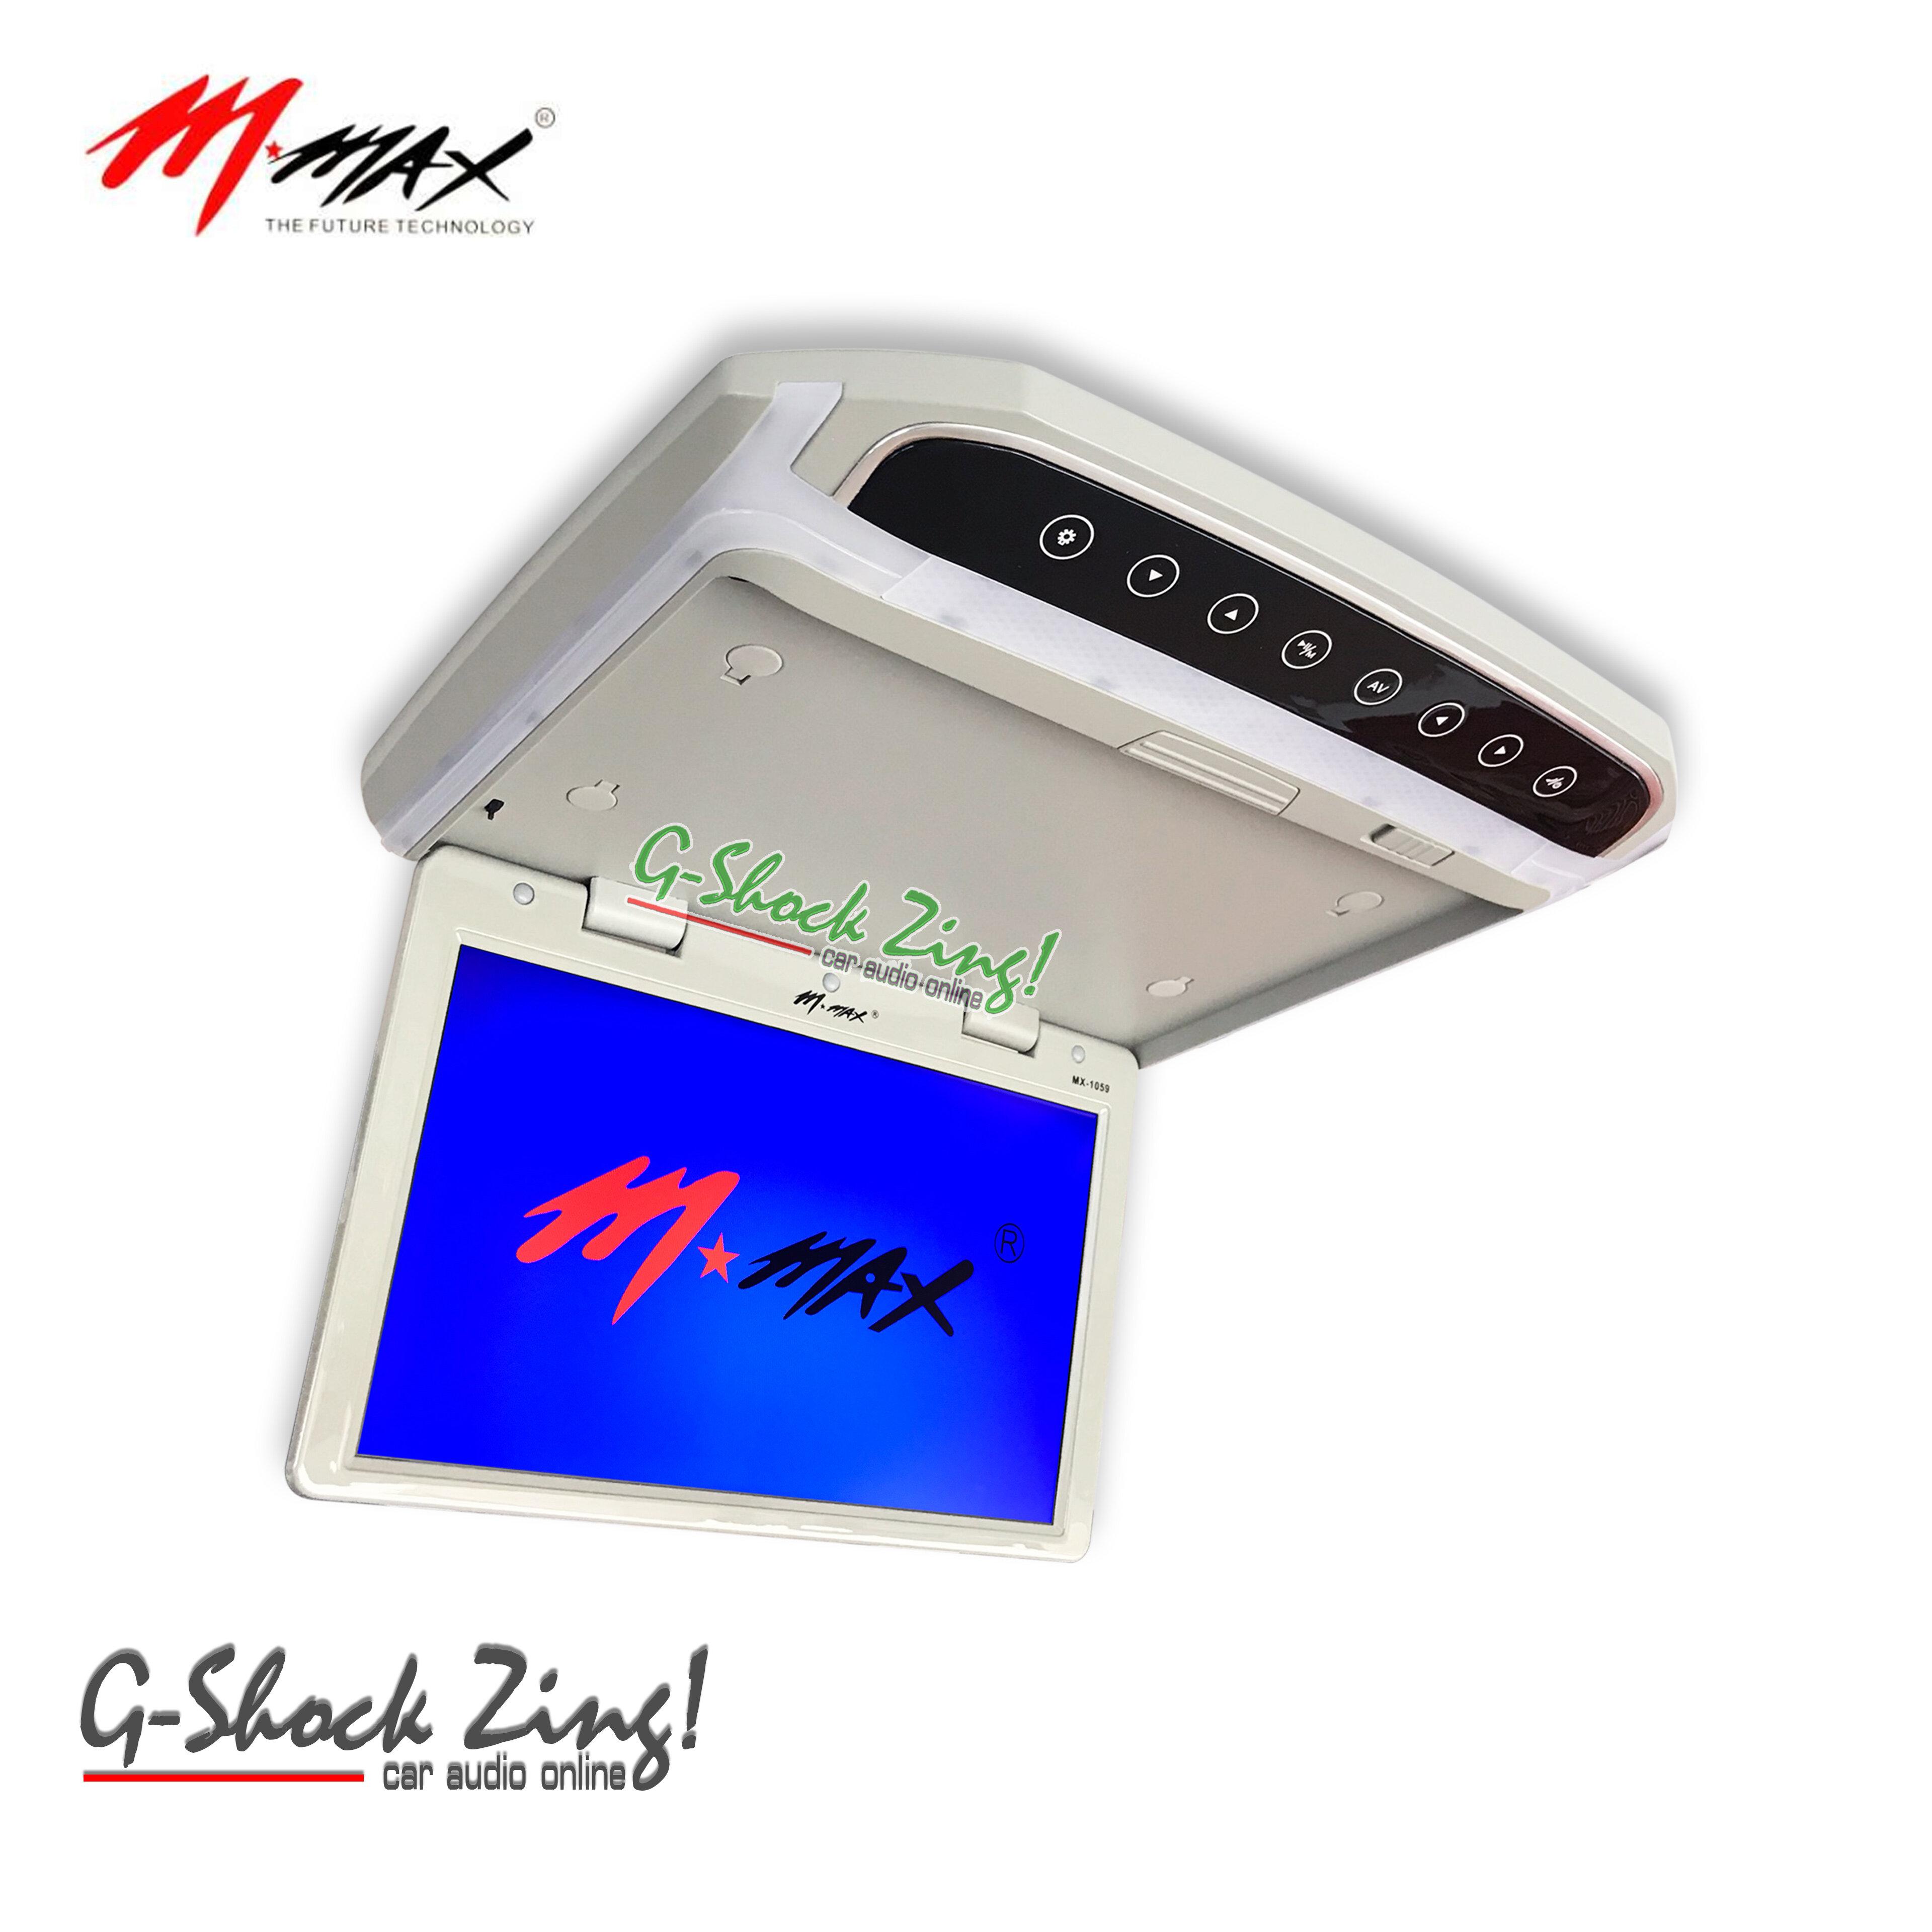 TVทีวีติดเพดานรถยนต์ จอขนาด 10 นิ้ว ความละเอียดสูง/บาง/ระบบสัมผัส จอเพดาน mmax รุ่น mx1059